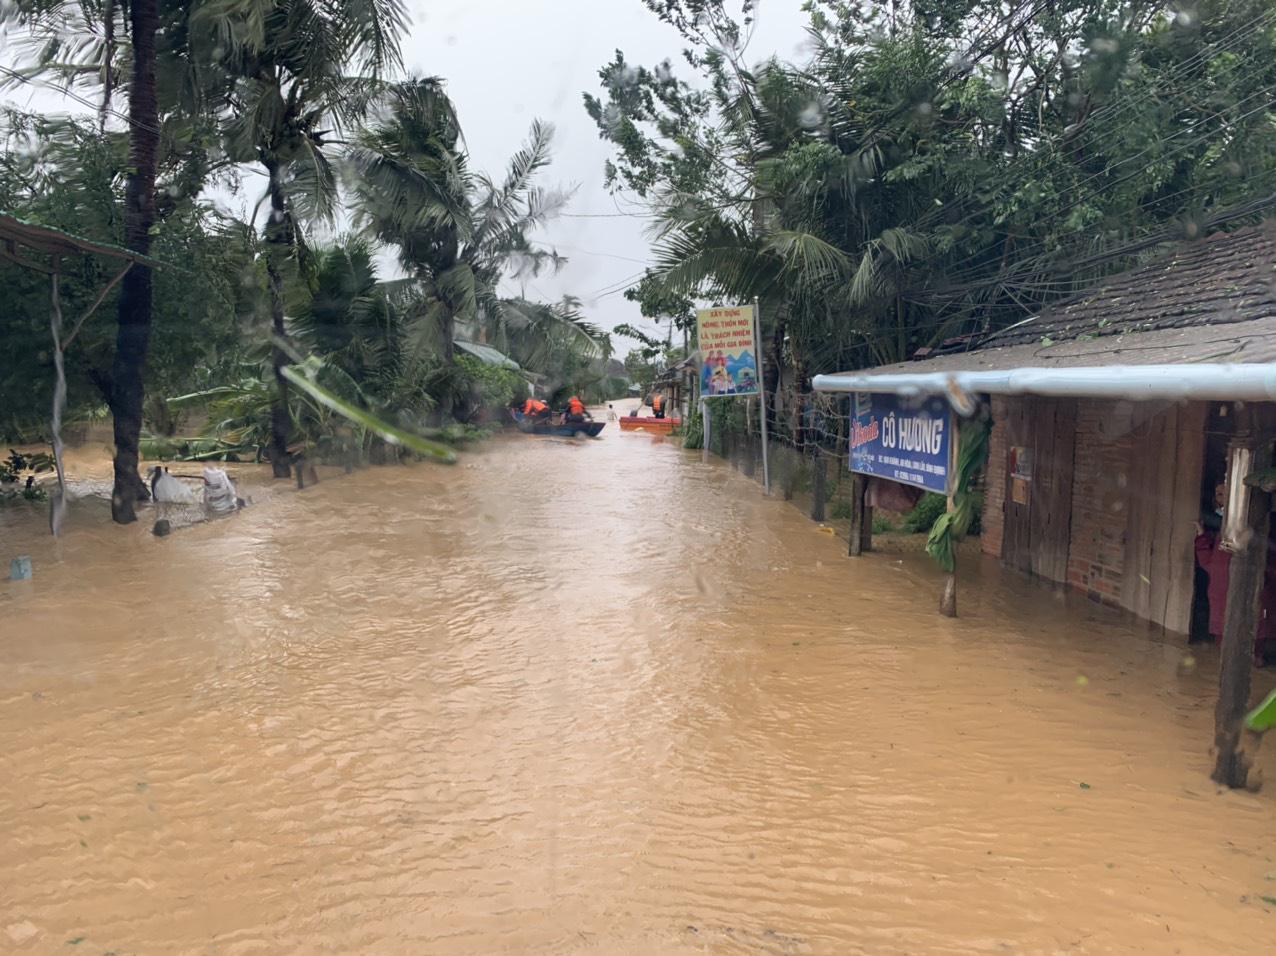 Bình Định: Hàng trăm nhà dân bị ngập 1m trong nước lũ - Ảnh 1.